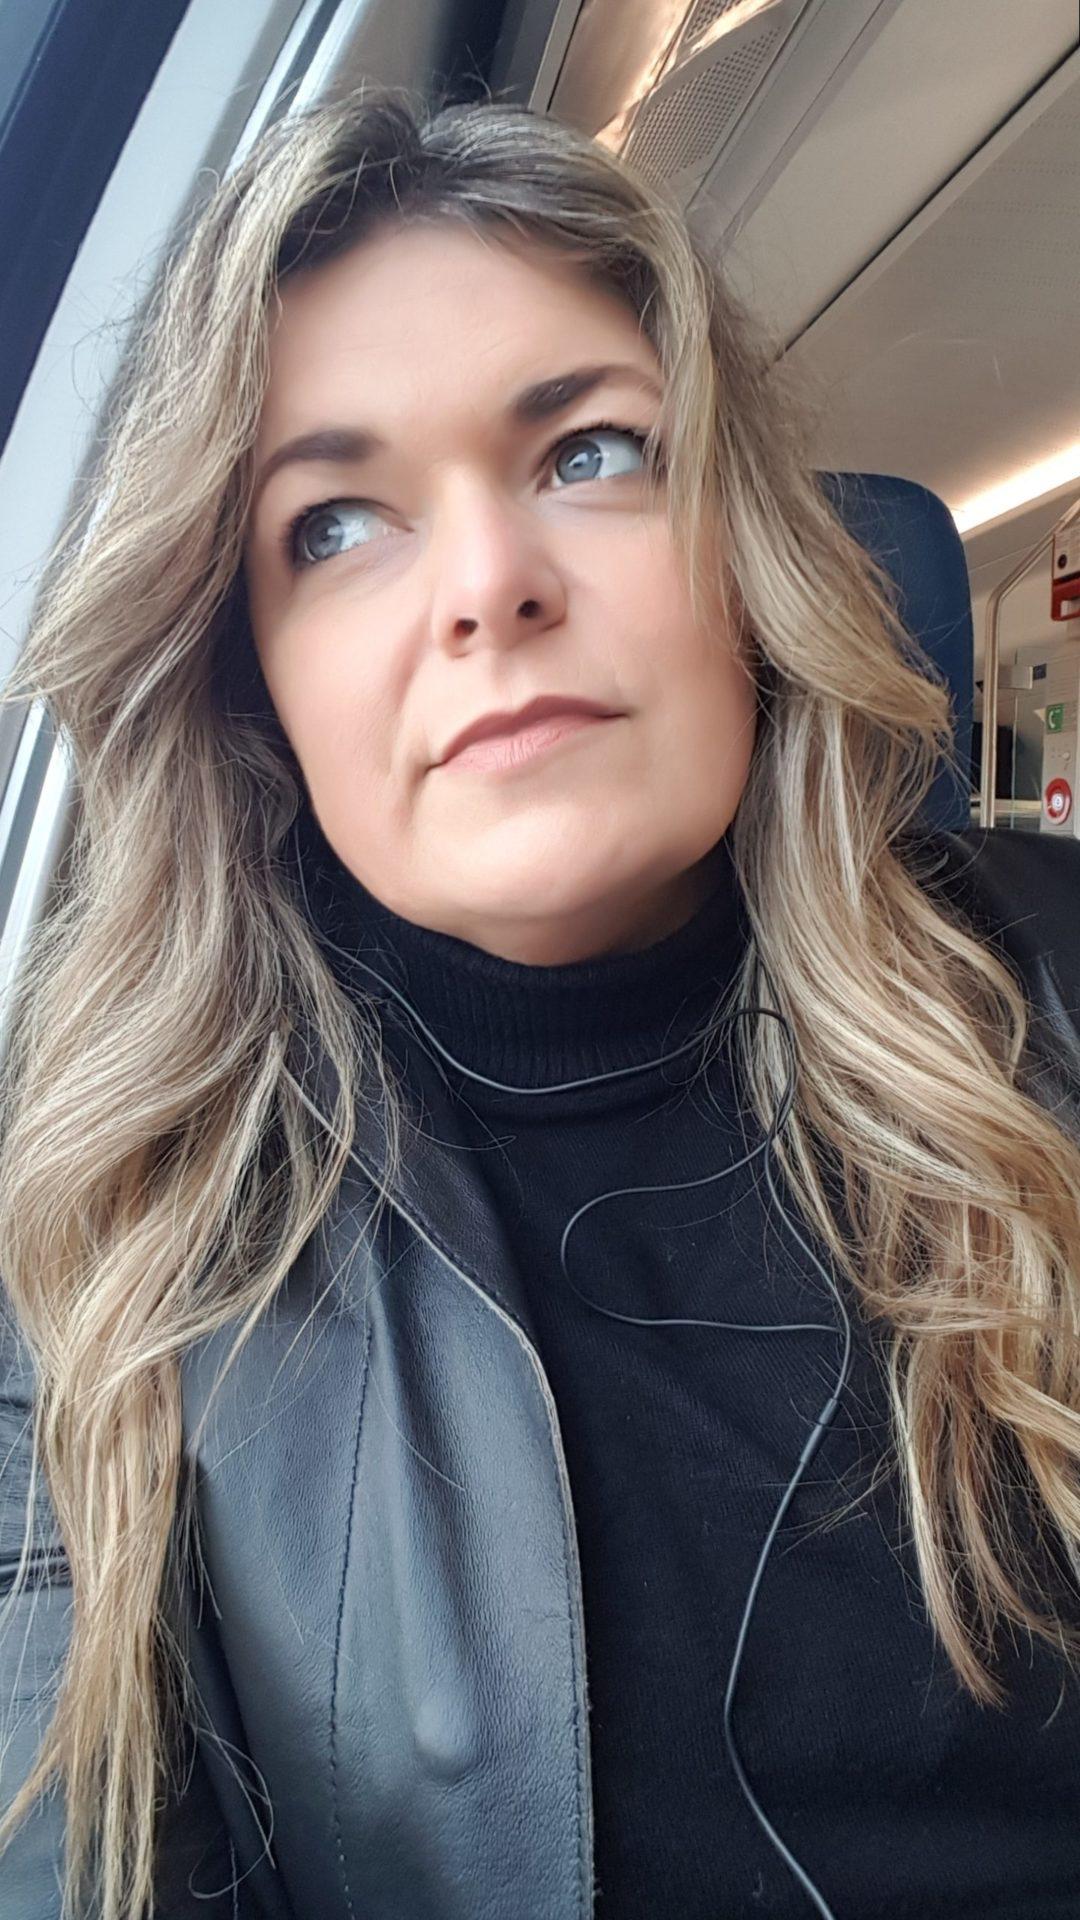 Claudia Hinterauer